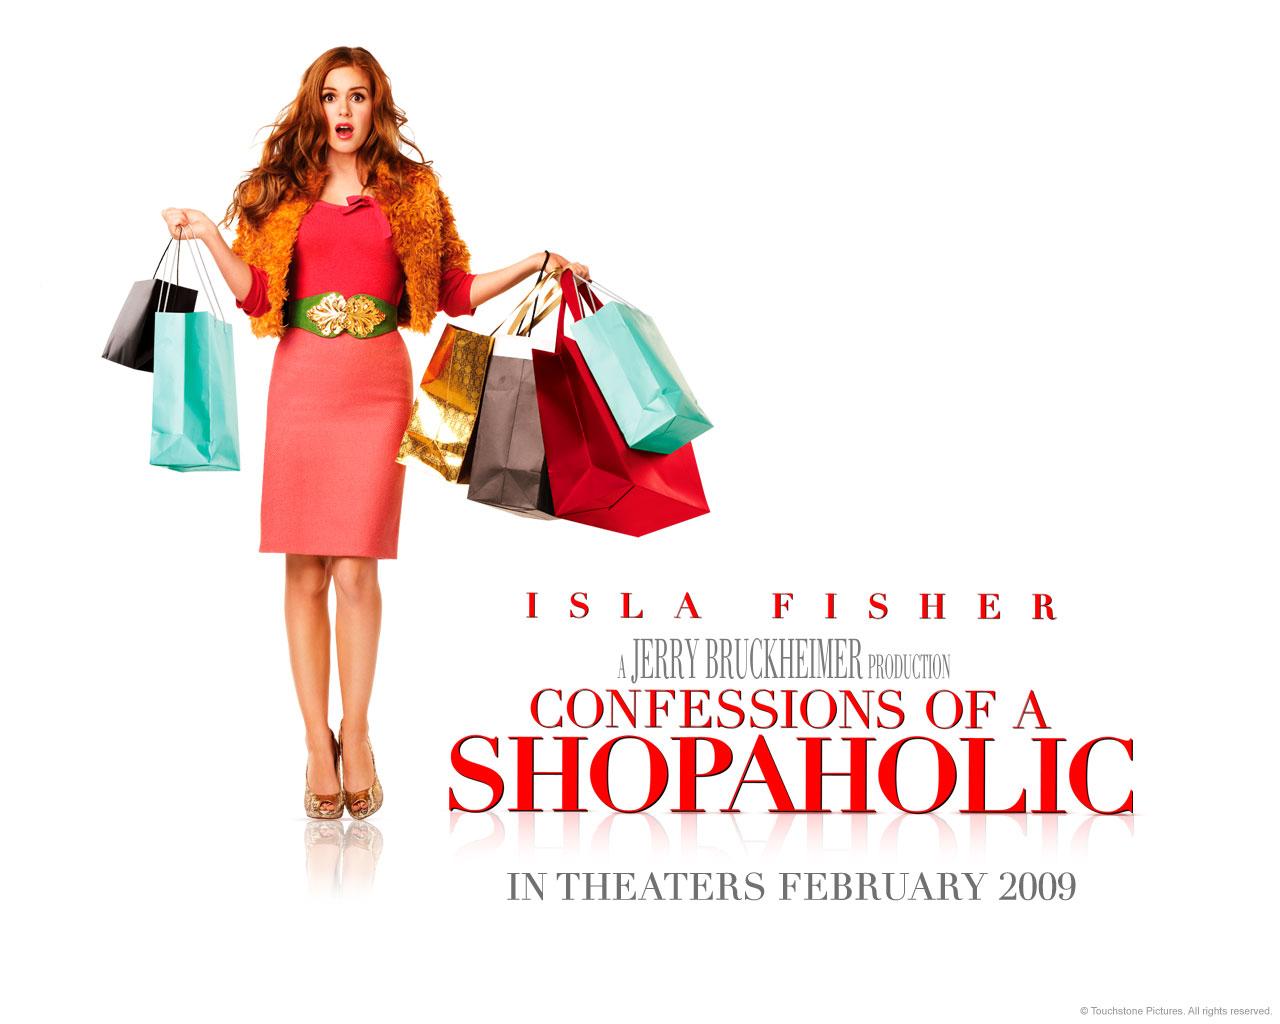 http://3.bp.blogspot.com/-0-ns5a0HgD0/TtuzcjBb4UI/AAAAAAAABUQ/-xsXr8xjmEQ/s1600/Isla_Fisher_in_Confessions_of_a_Shopaholic_Wallpaper_2_800.jpg